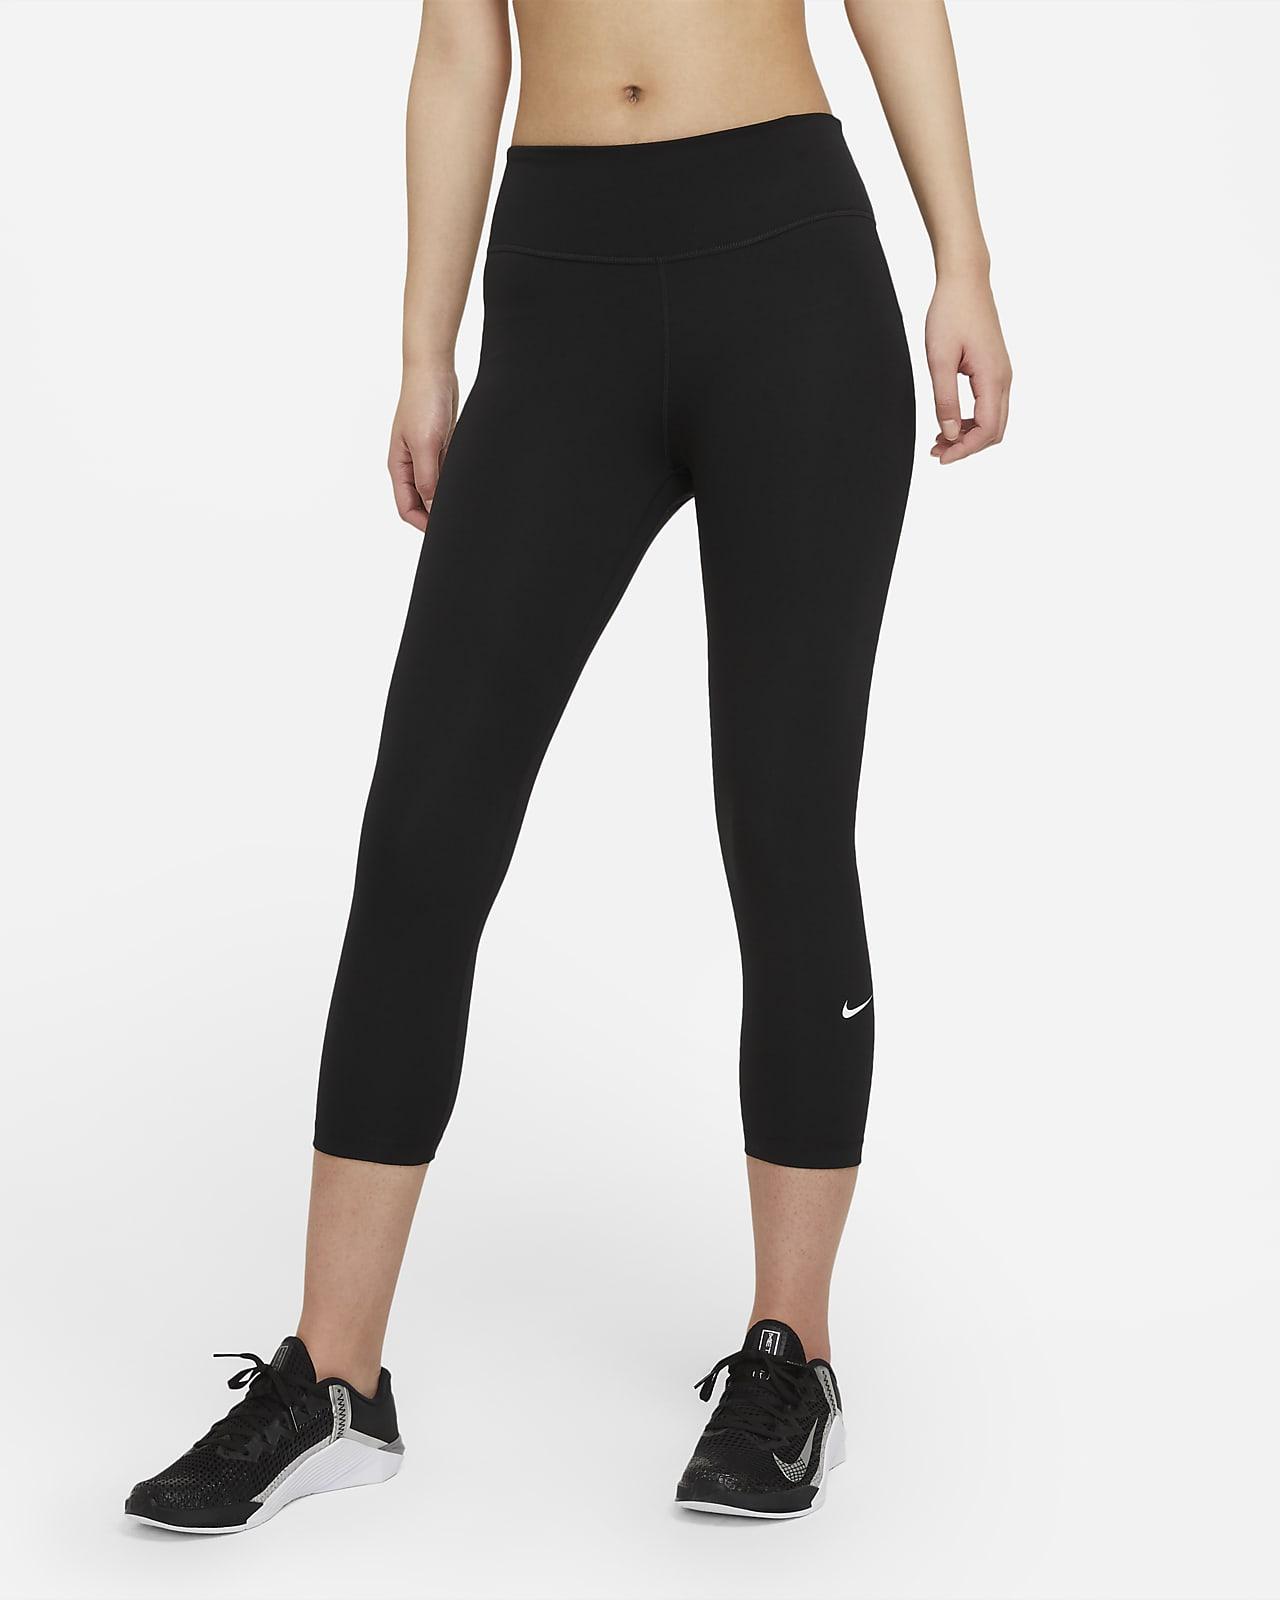 Nike One Women's Capri Leggings